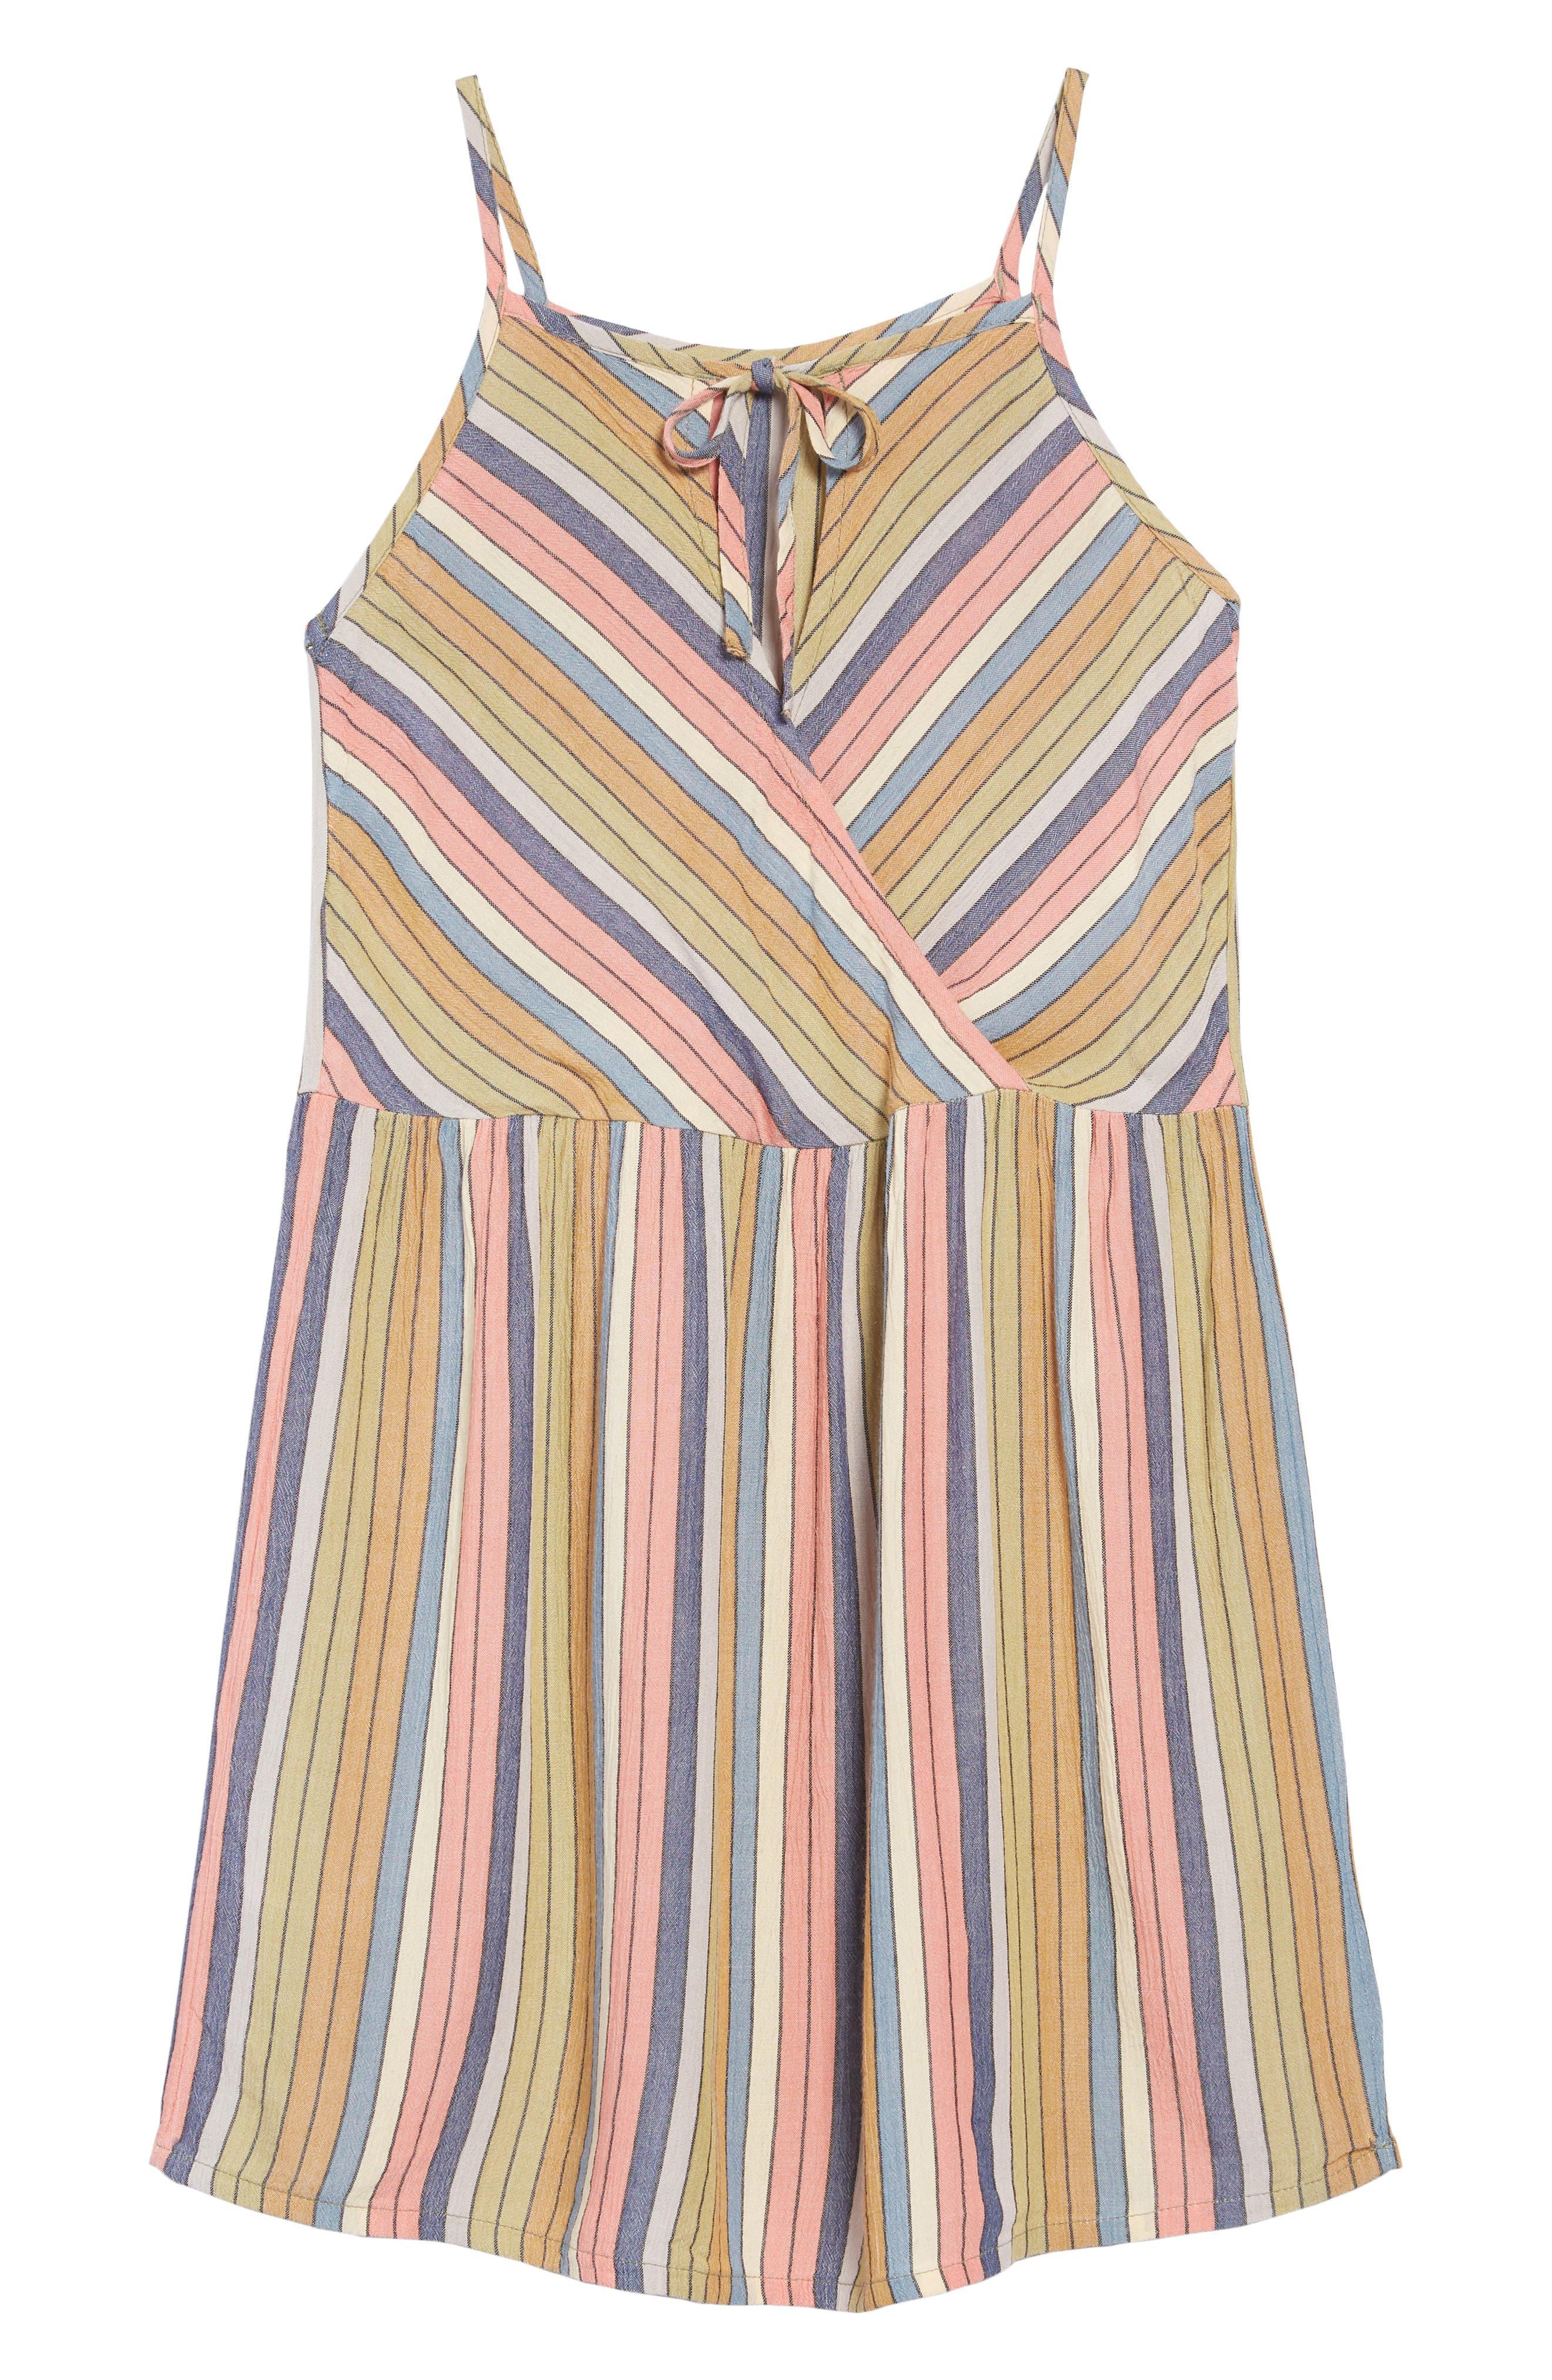 O'NEILL, Berlin Stripe Sundress, Alternate thumbnail 4, color, 994